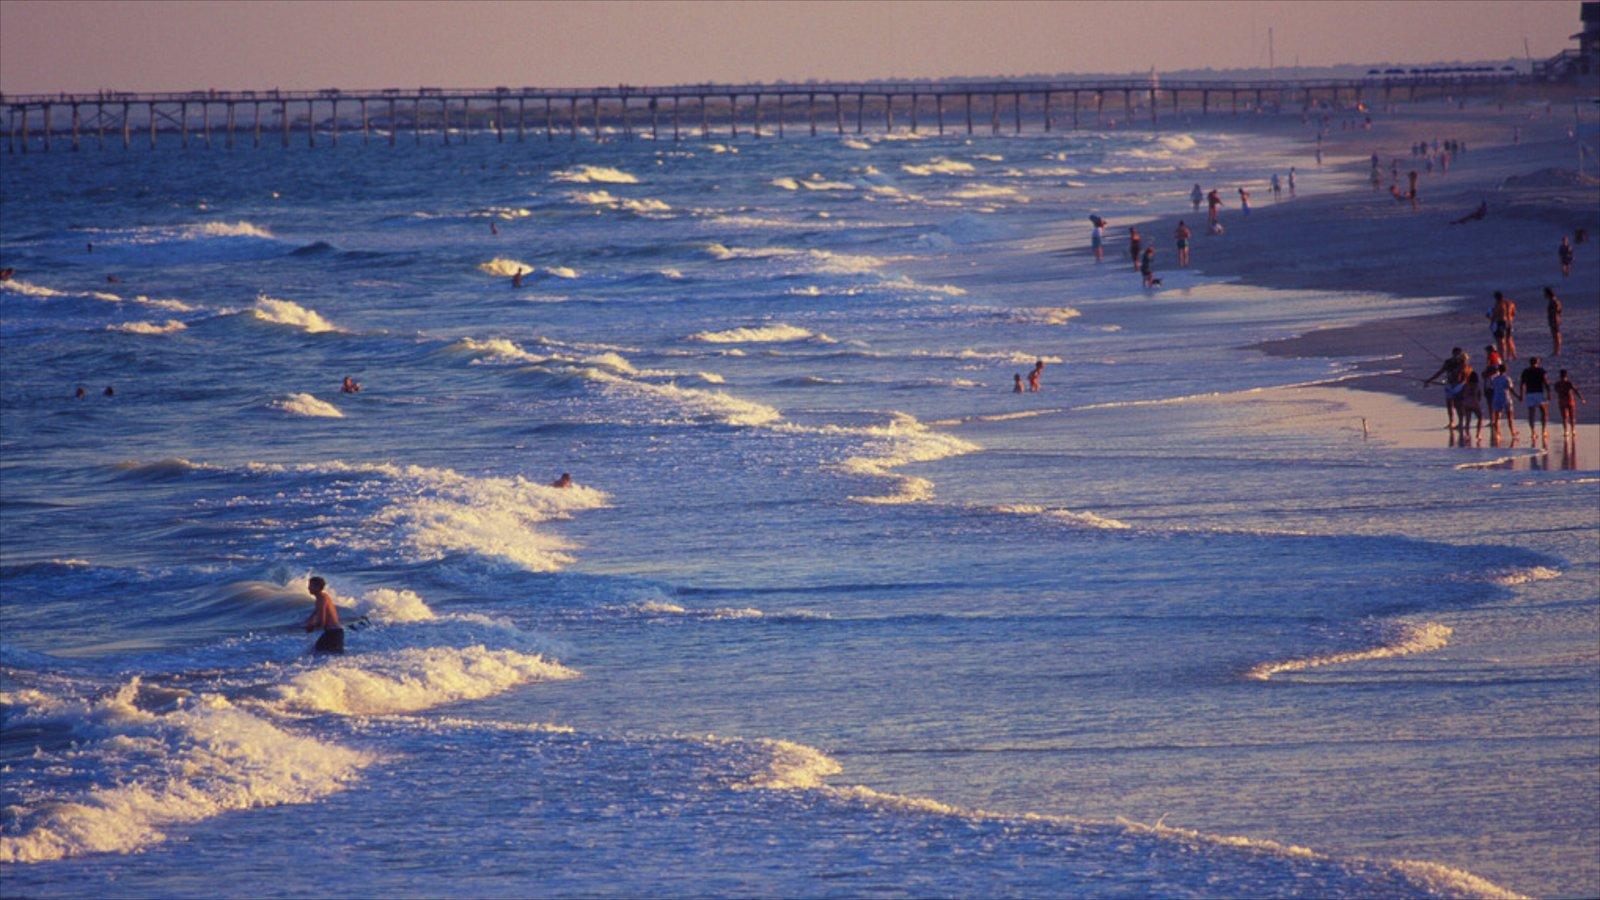 Wrightsville Beach featuring general coastal views, a beach and surf